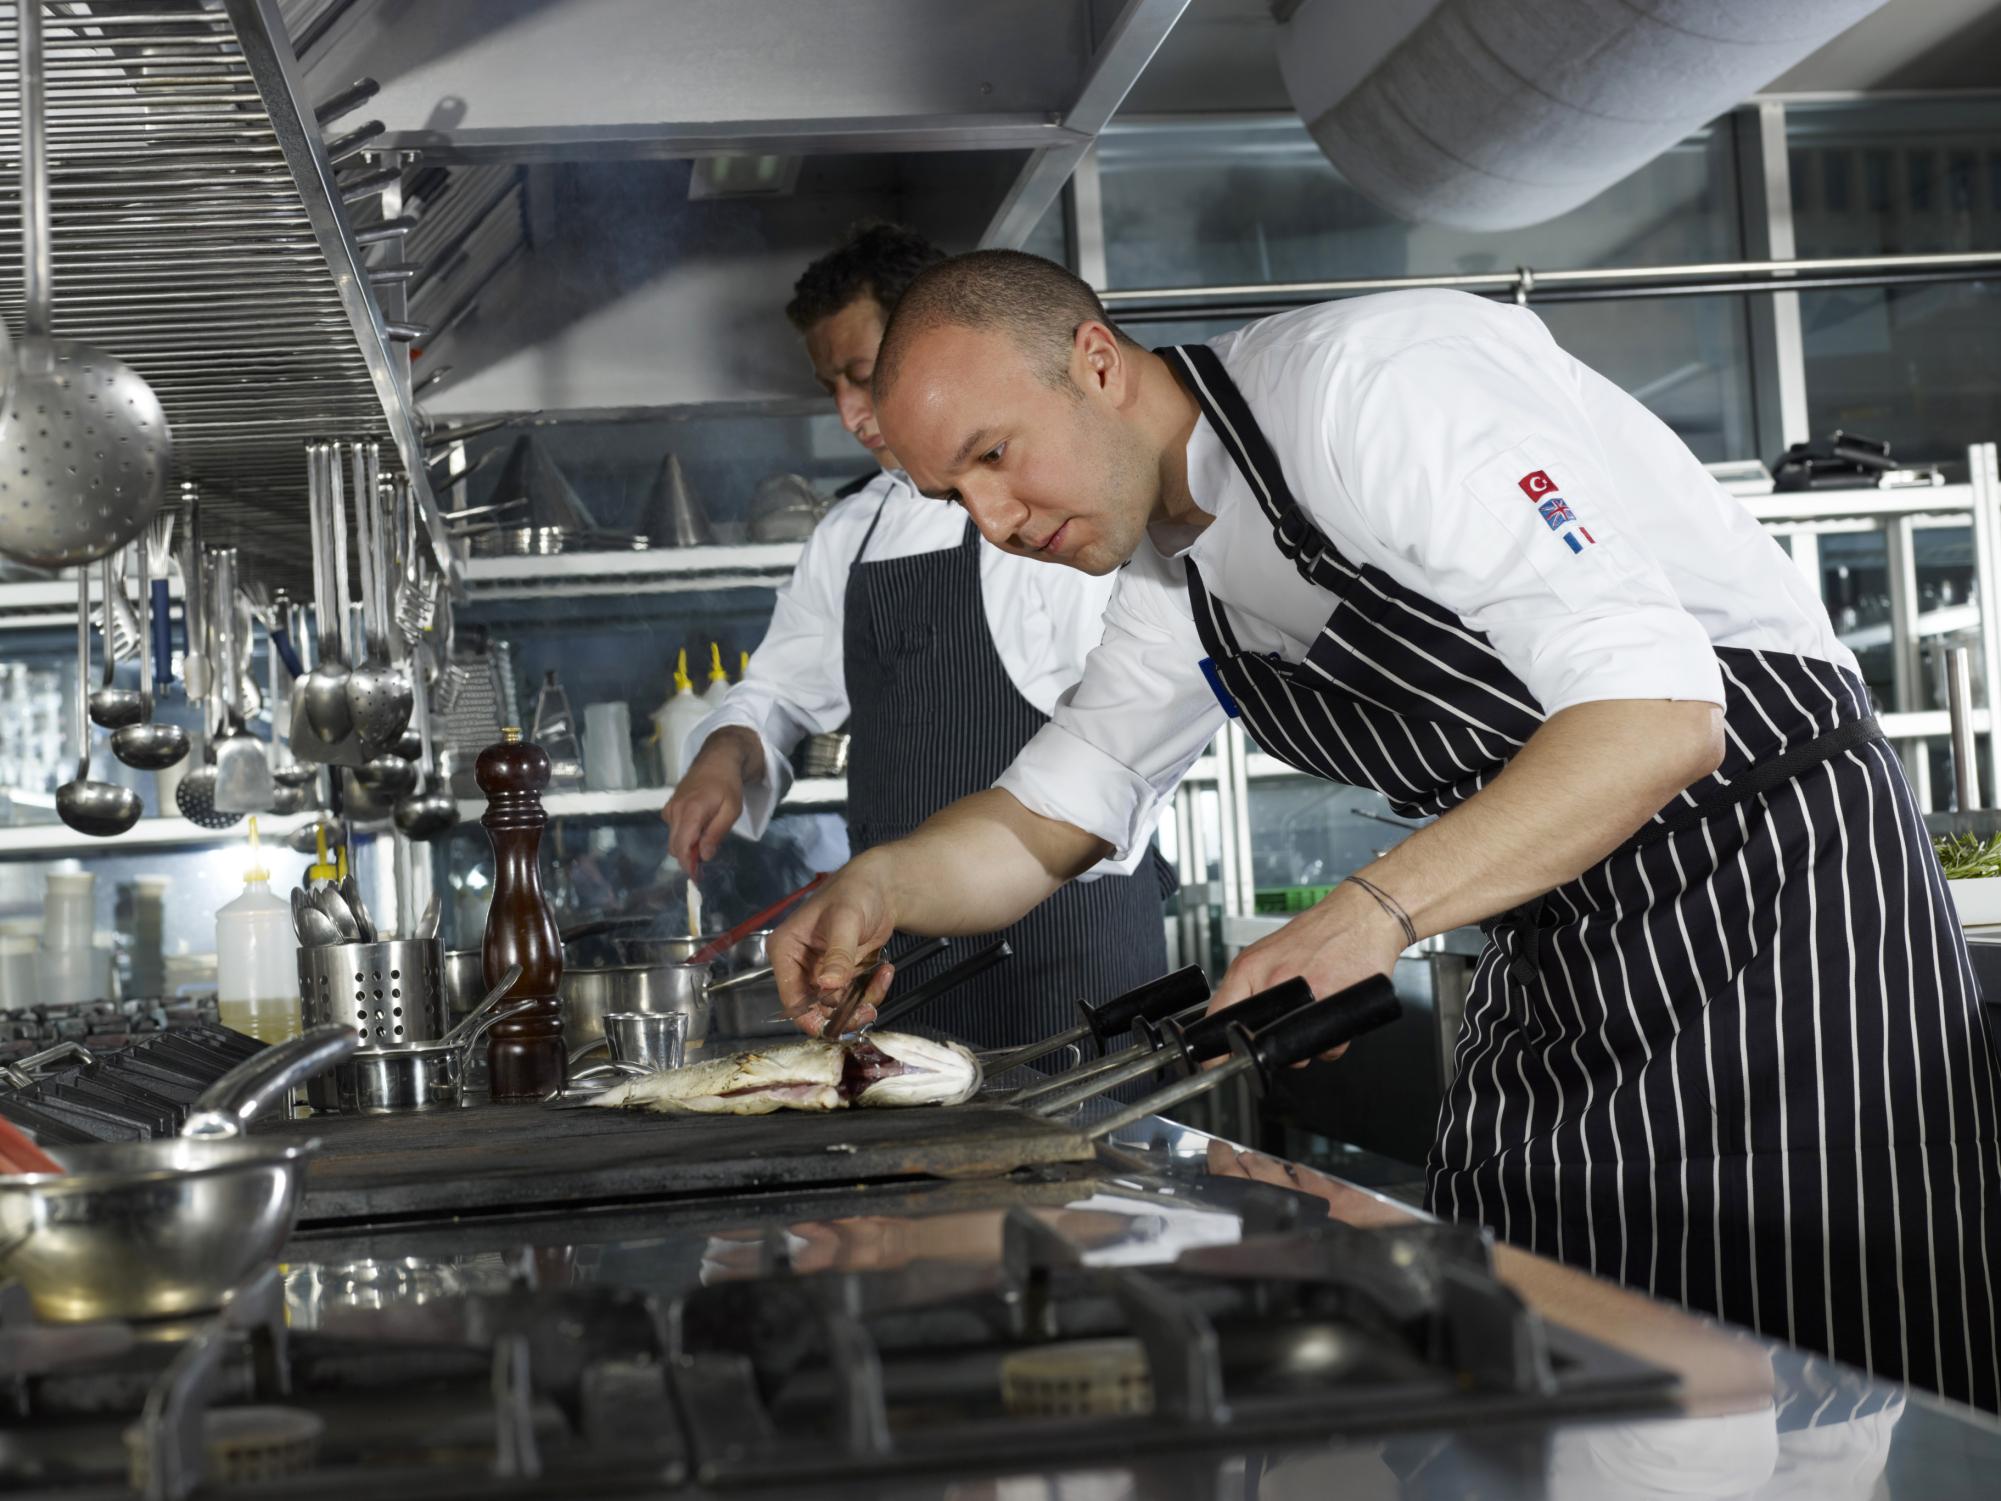 Assistant Chef Job Description  Career Trend